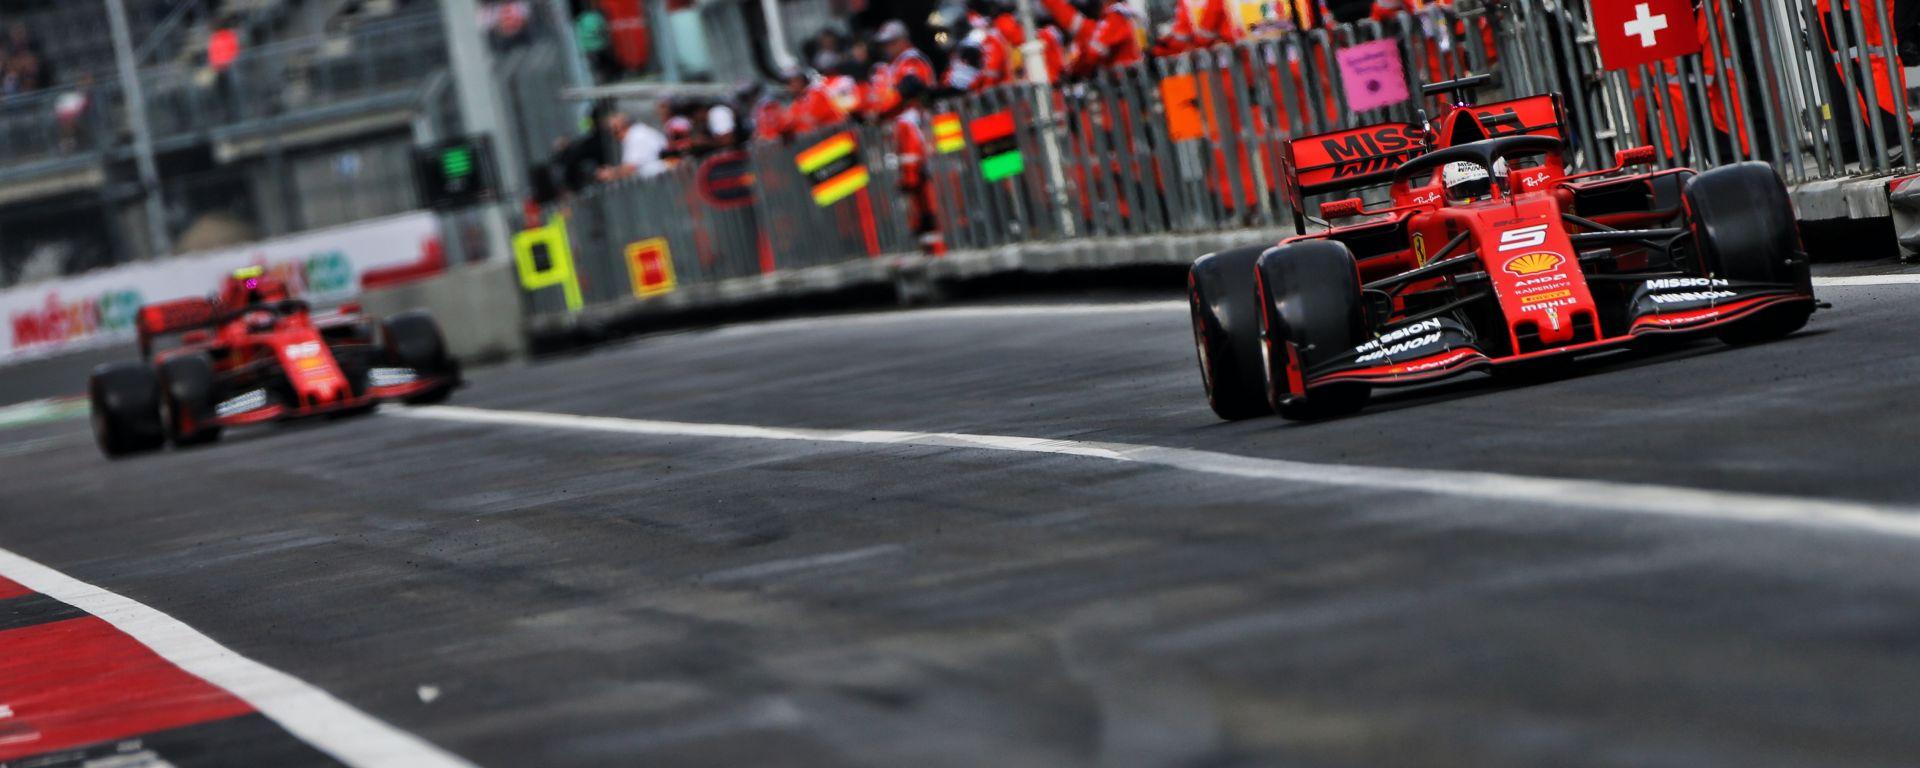 F1 GP Messico 2019, Città del Messico: le due Ferrari di Vettel e Leclerc